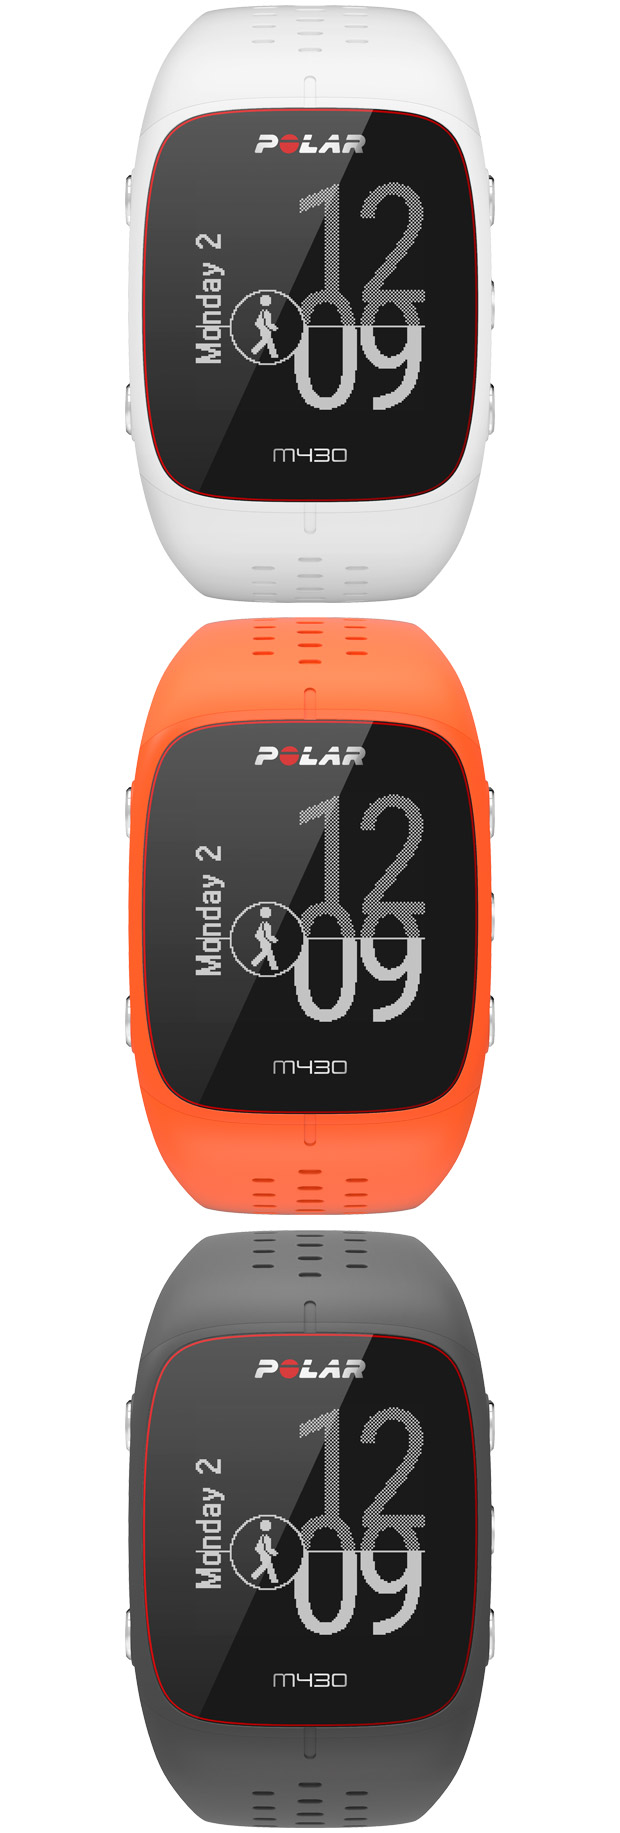 En TodoMountainBike: Sensor óptico de frecuencia cardíaca para el Polar M430, la evolución del reloj GPS más vendido de la marca